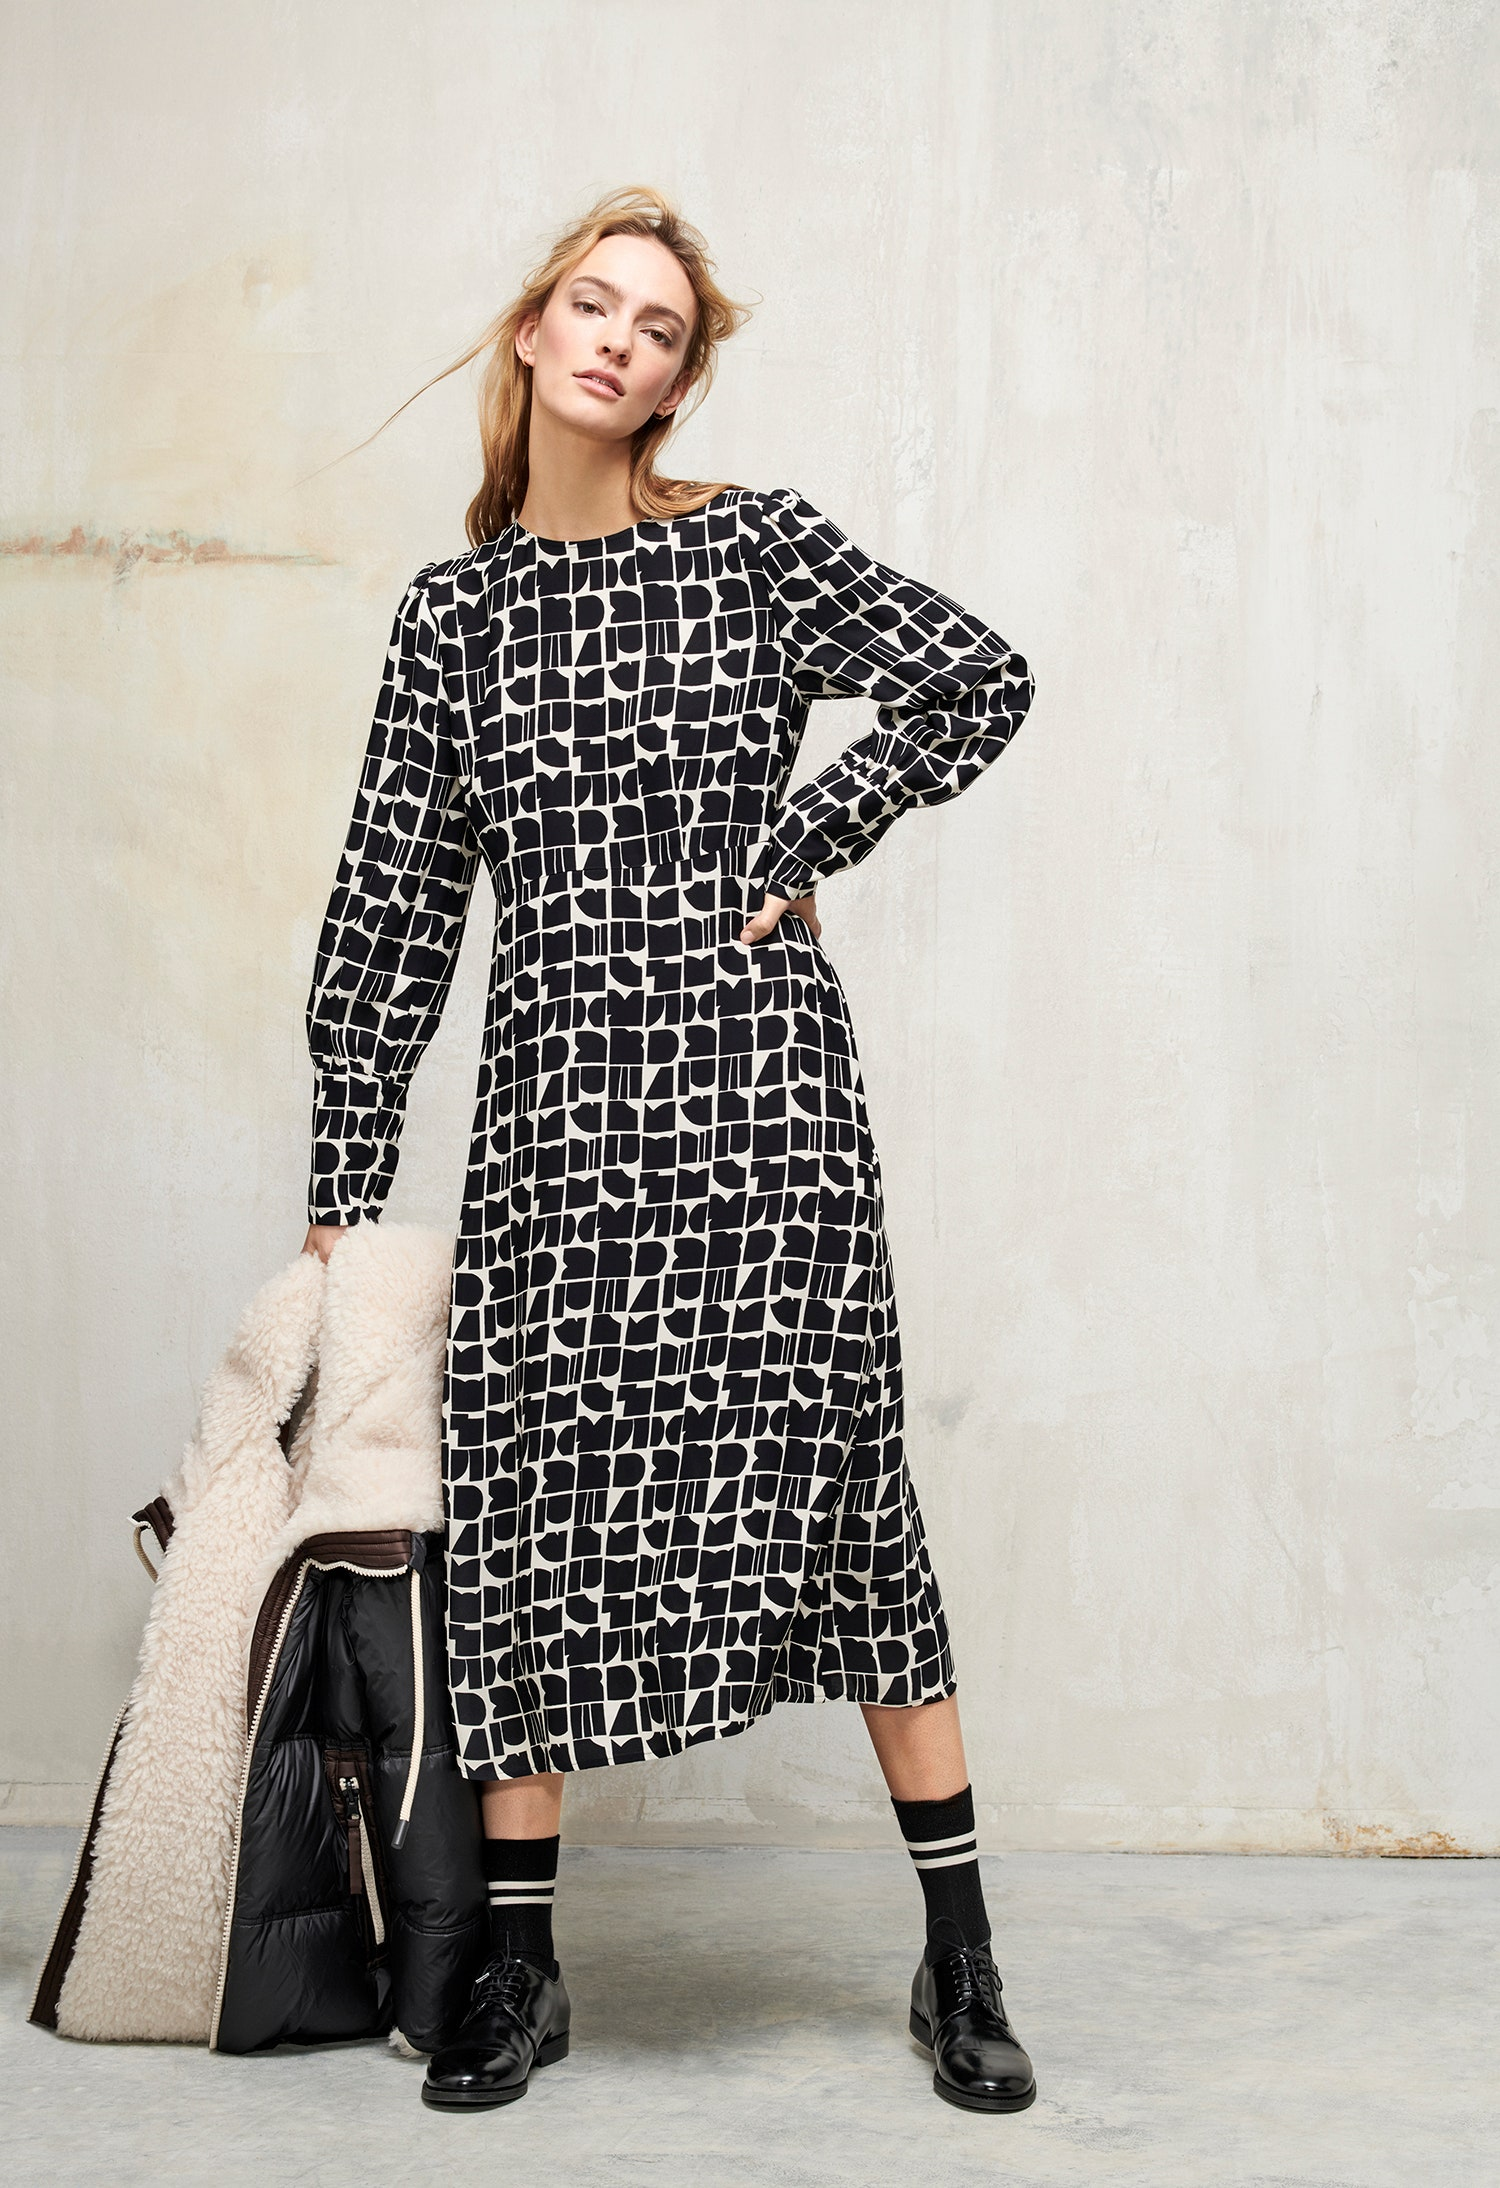 Базовый гардероб в женственной коллекции Luisa Cerano: свитеры, платья миди, костюмы, шубы из искусственного меха, вещи из кожи